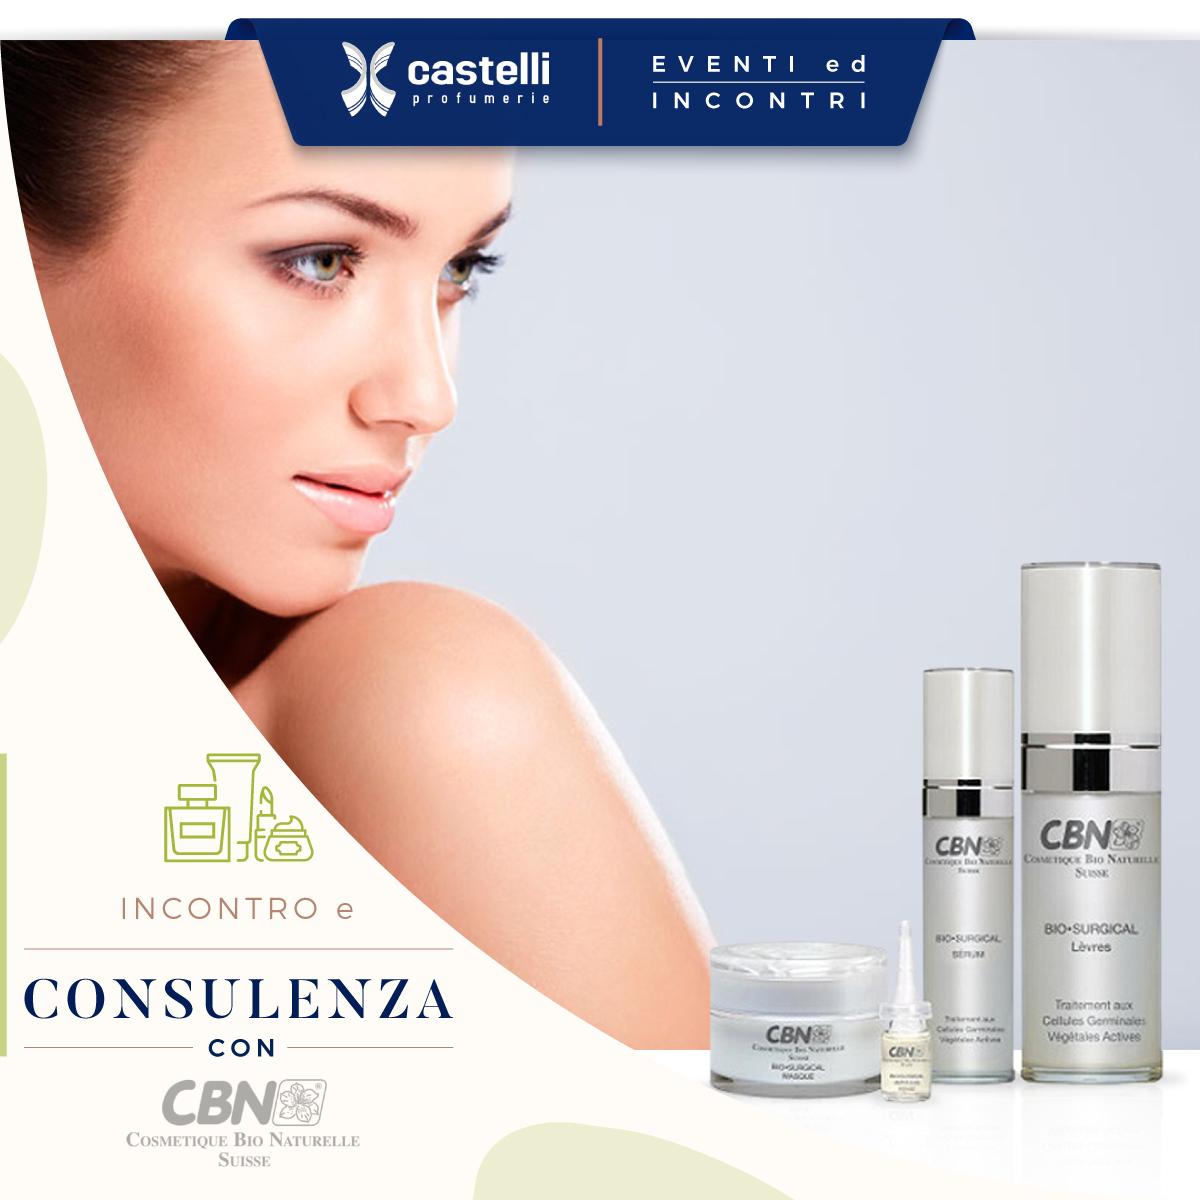 Prenota la tua consulenza gratuita con i prodotti del marchio CBN